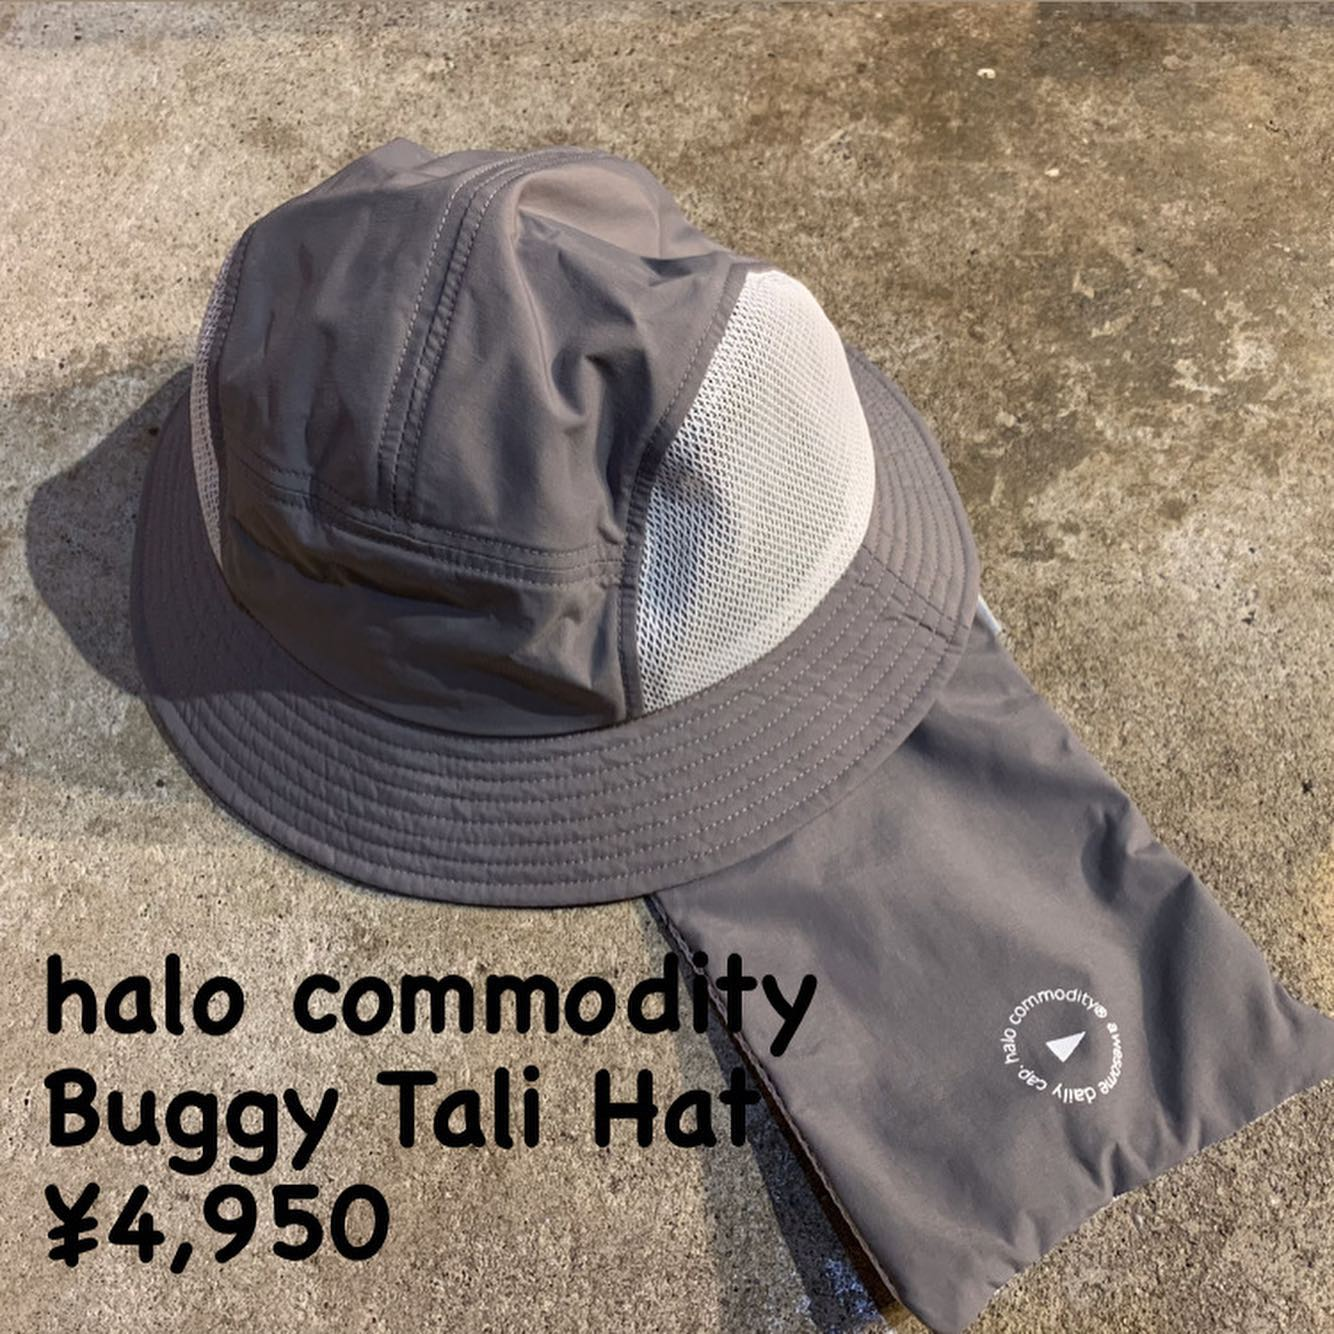 『シンプルだけど飽きさせない』そんなアイテムを作り出している帽子ブランドのご紹介